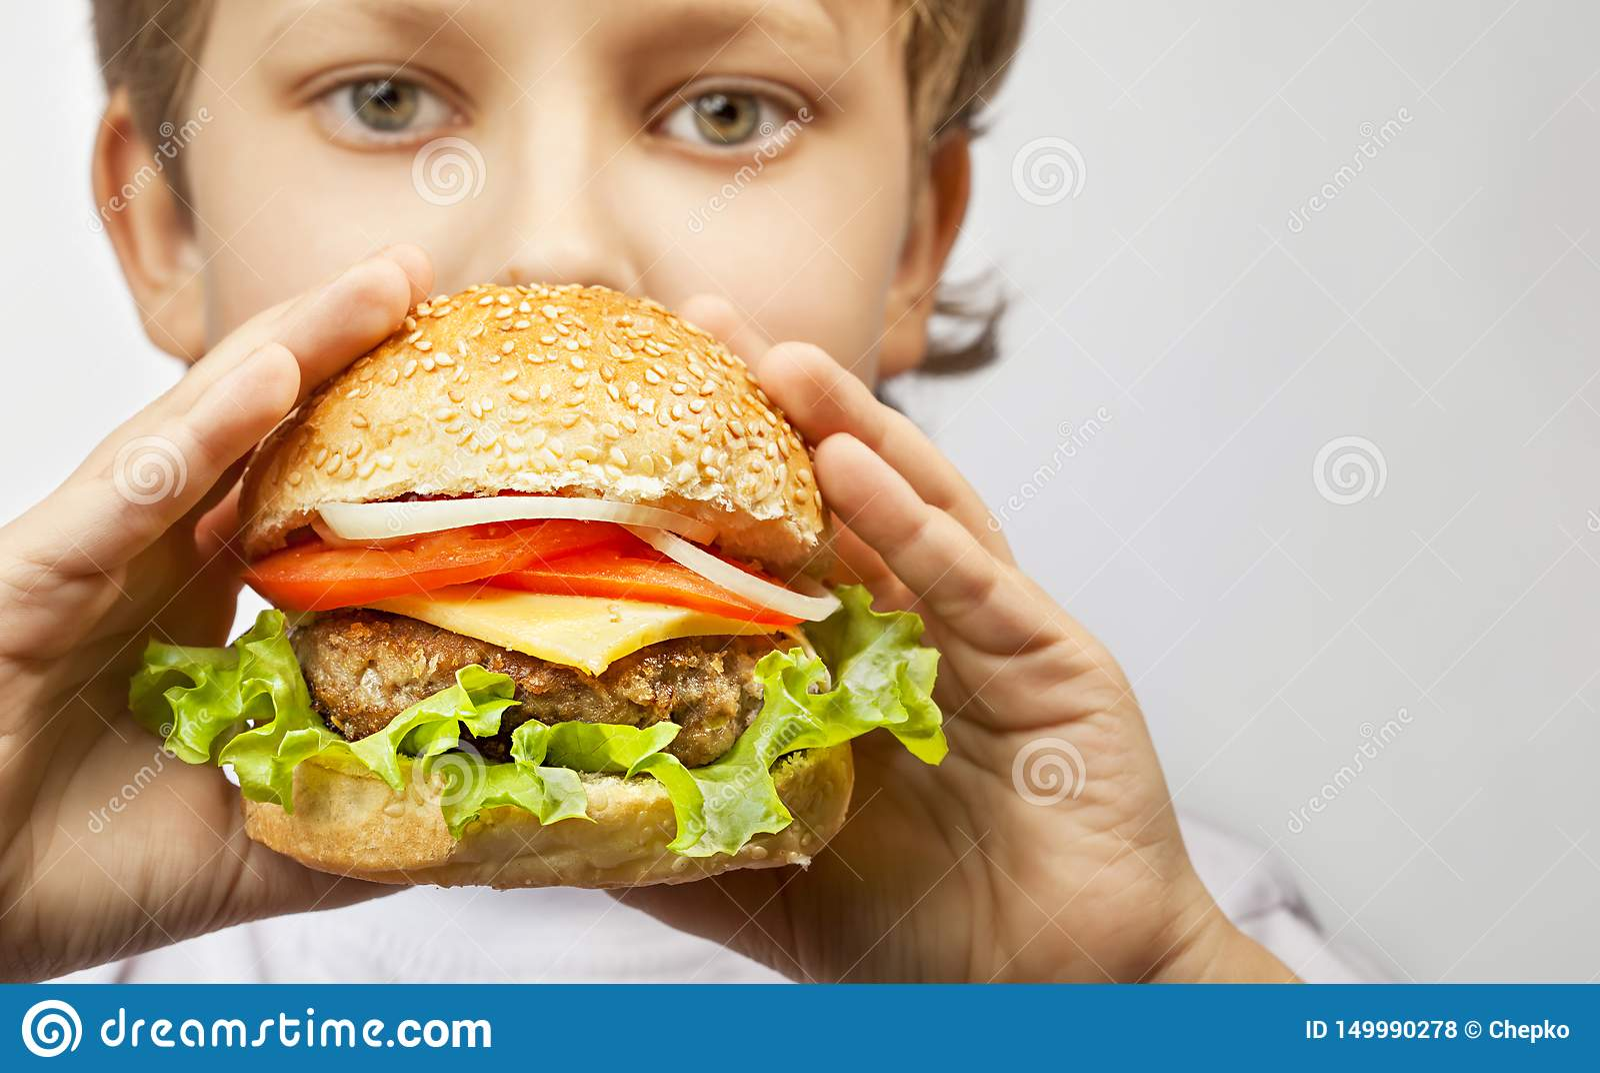 Мальчик с бургером